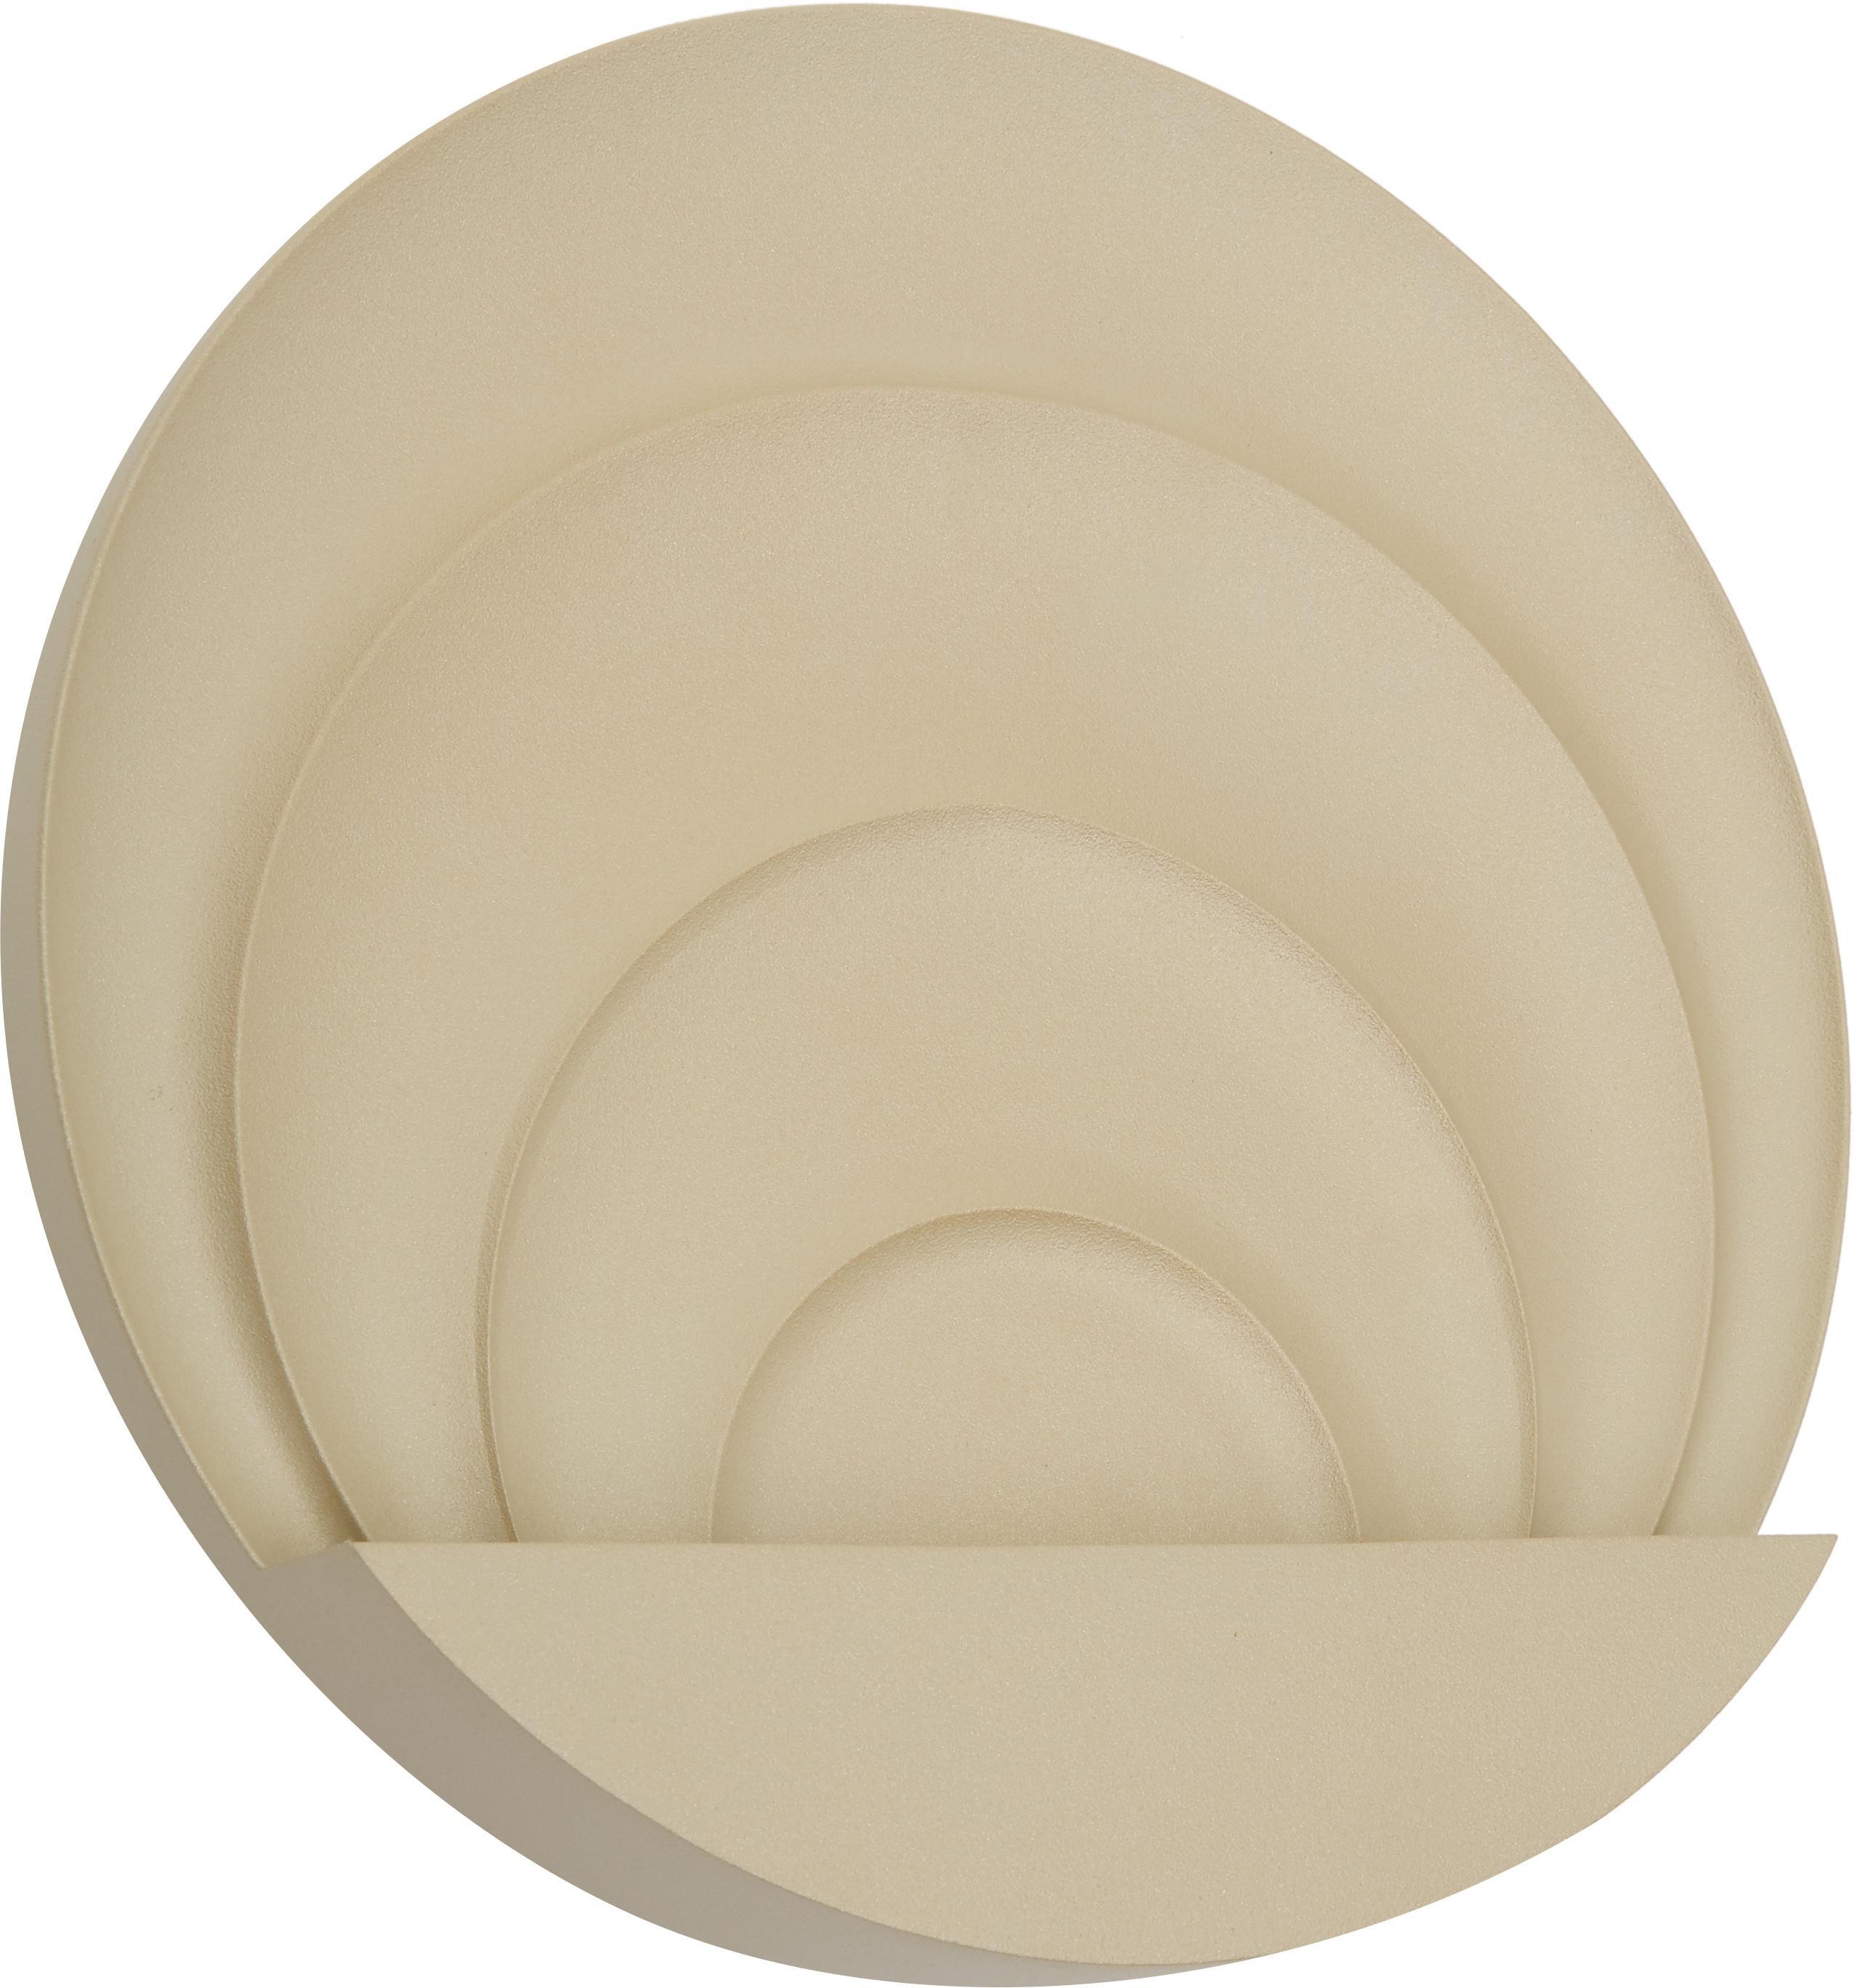 Applique a LED Sunrise, Lampada: metallo verniciato, Dorato, Ø 26 x Prof. 7 cm